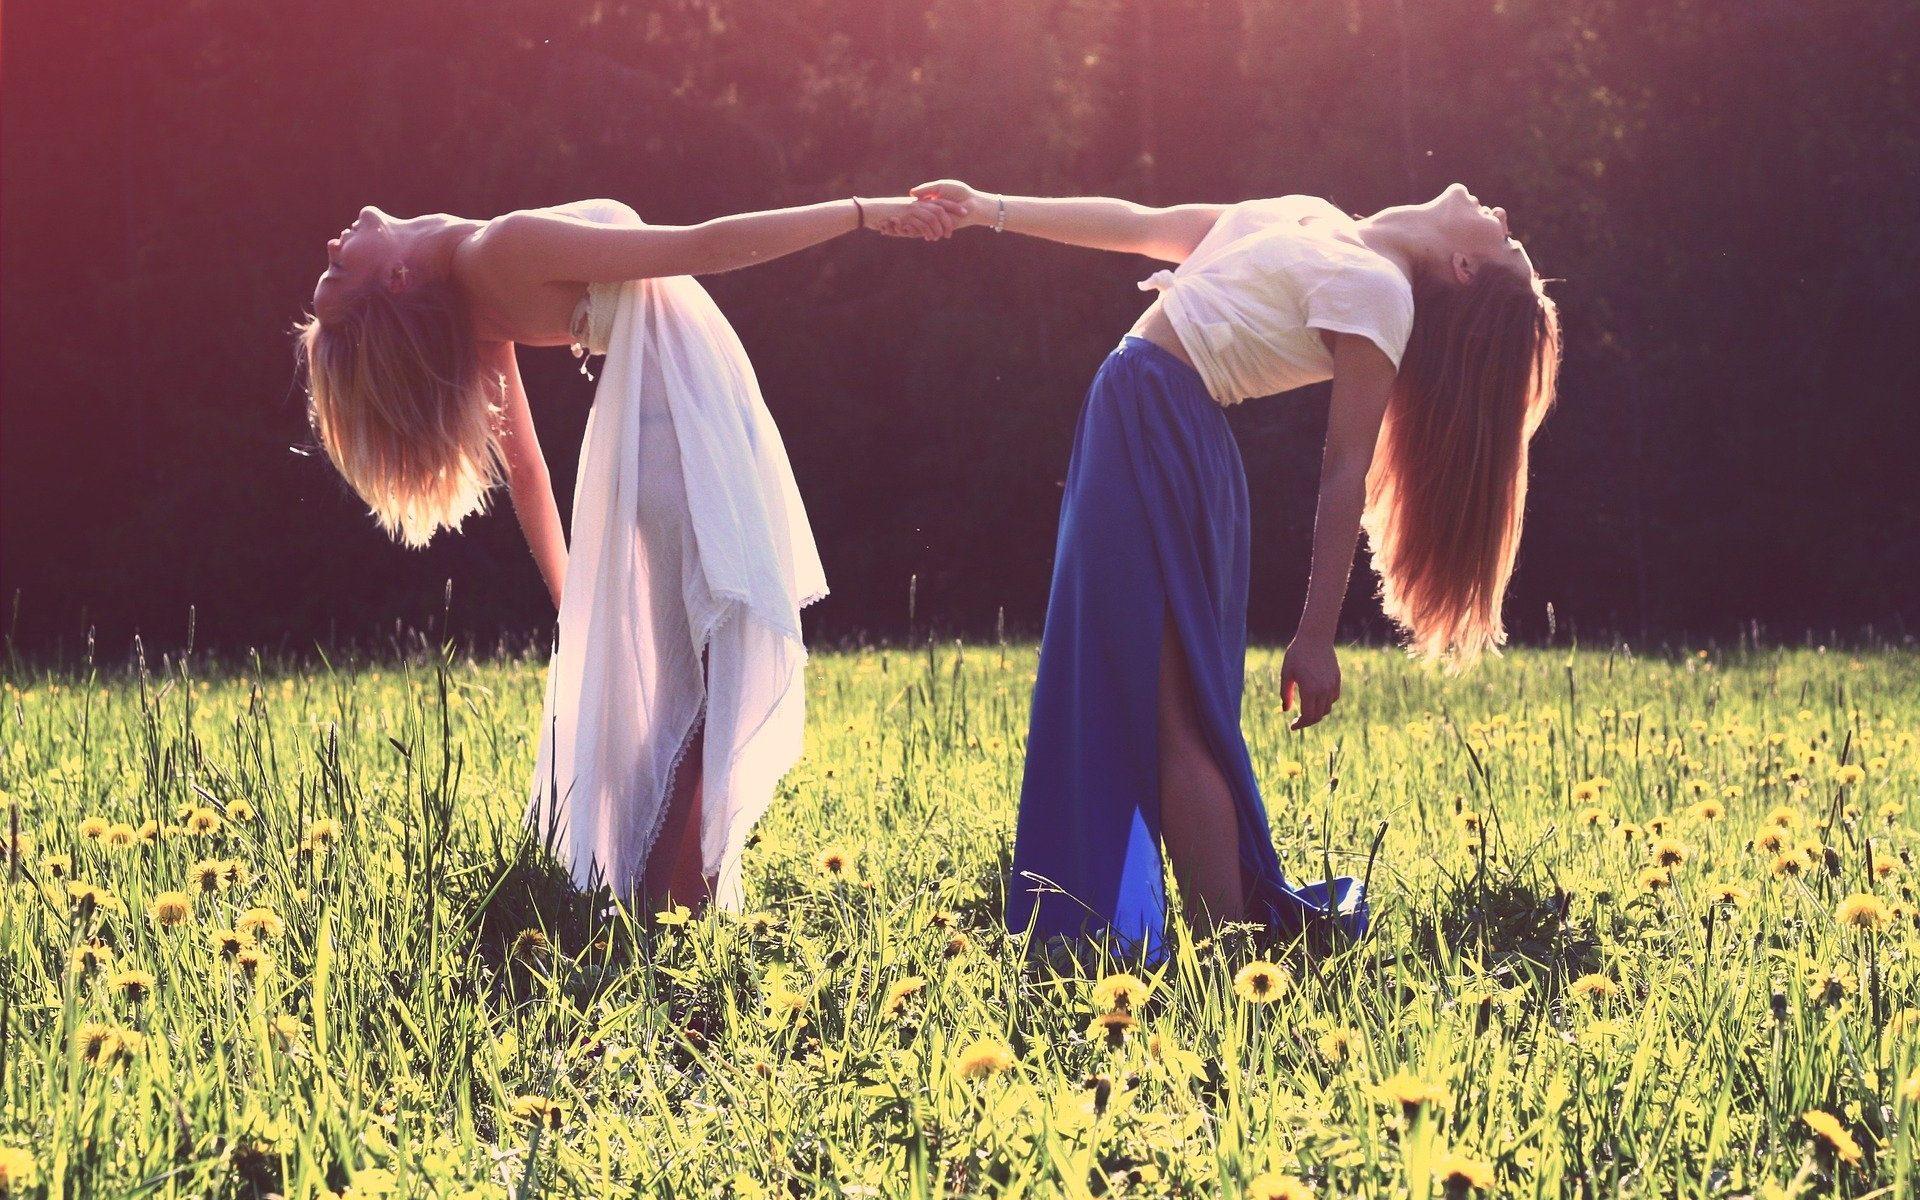 Zwei junge Frauen halten sich an einer Hand und drehen sich dabei auf einer Frühlingswiese im Kreis, ihre Oberkörper und Köpfe sind nach unten Richtung Blumenwiese geneigt. Lustvolle Sexualität liebt das Spiel und den Spaß!